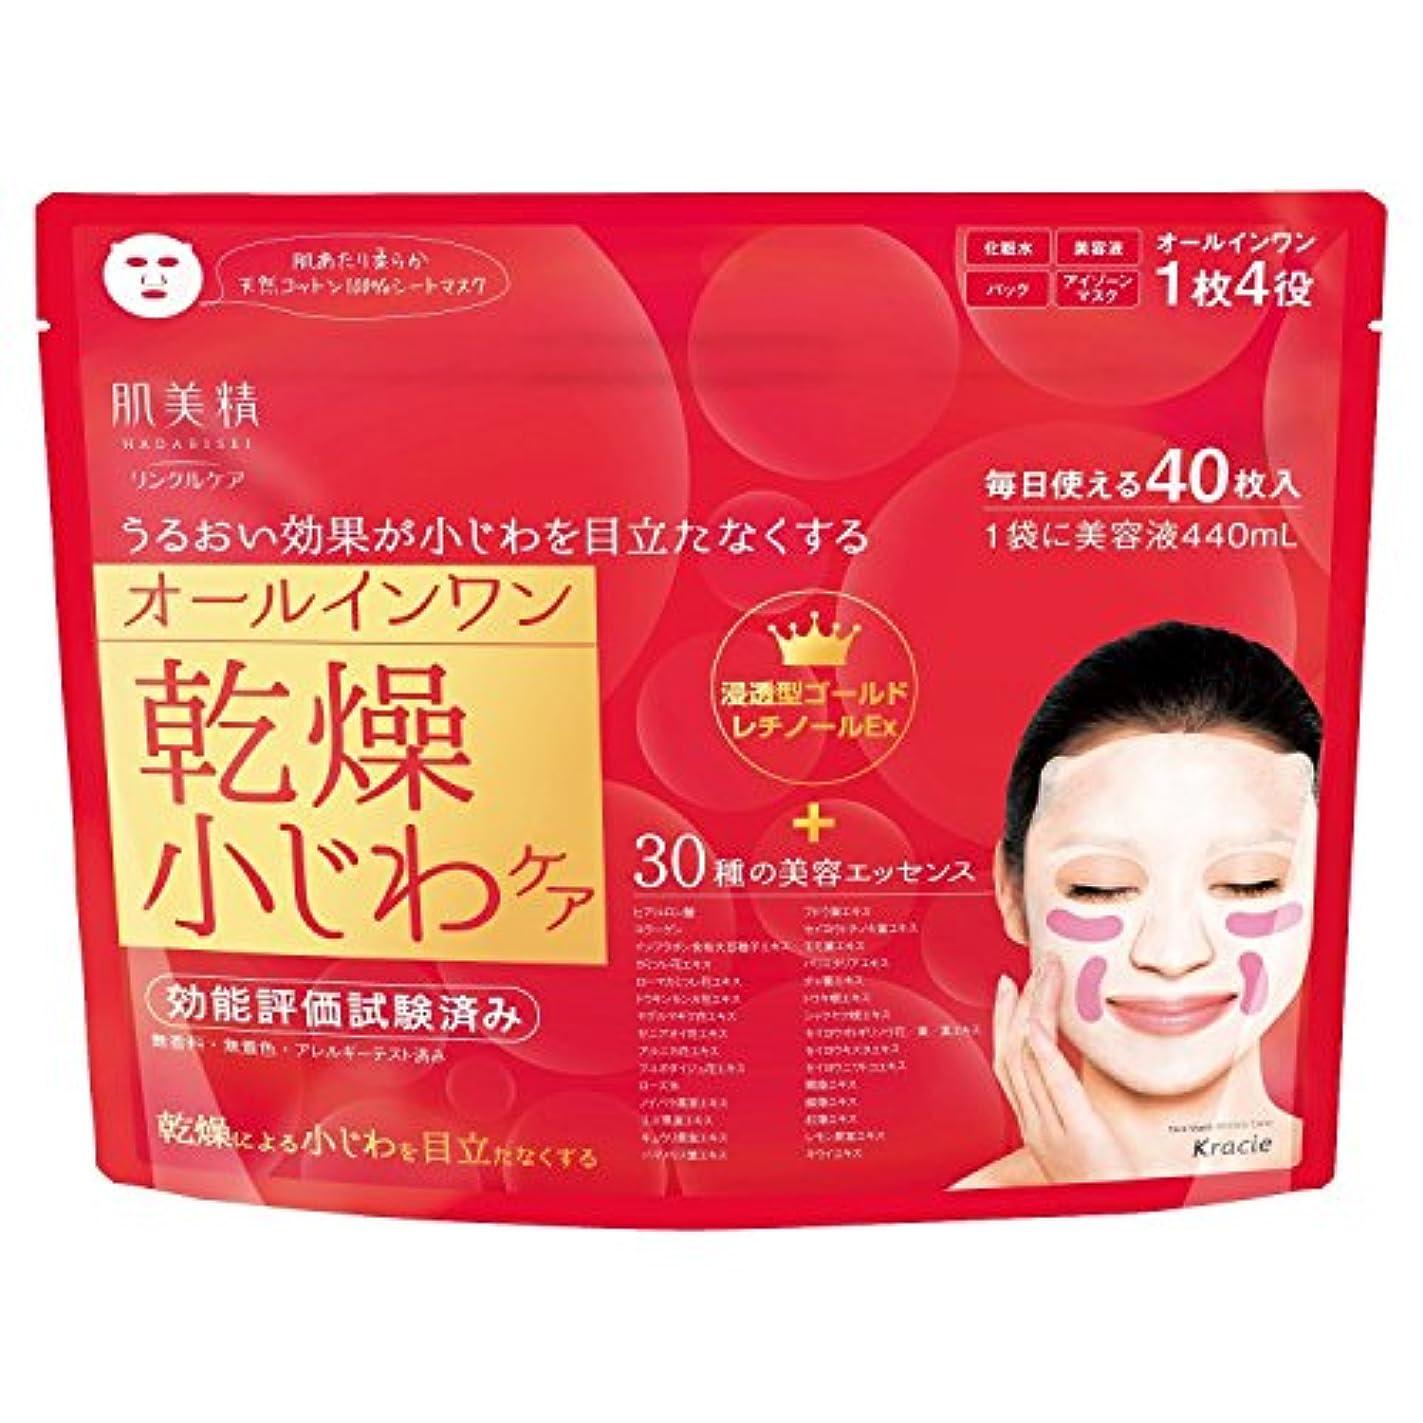 モードリンボール喪肌美精 リンクルケア美容液マスク 40枚 × 5個